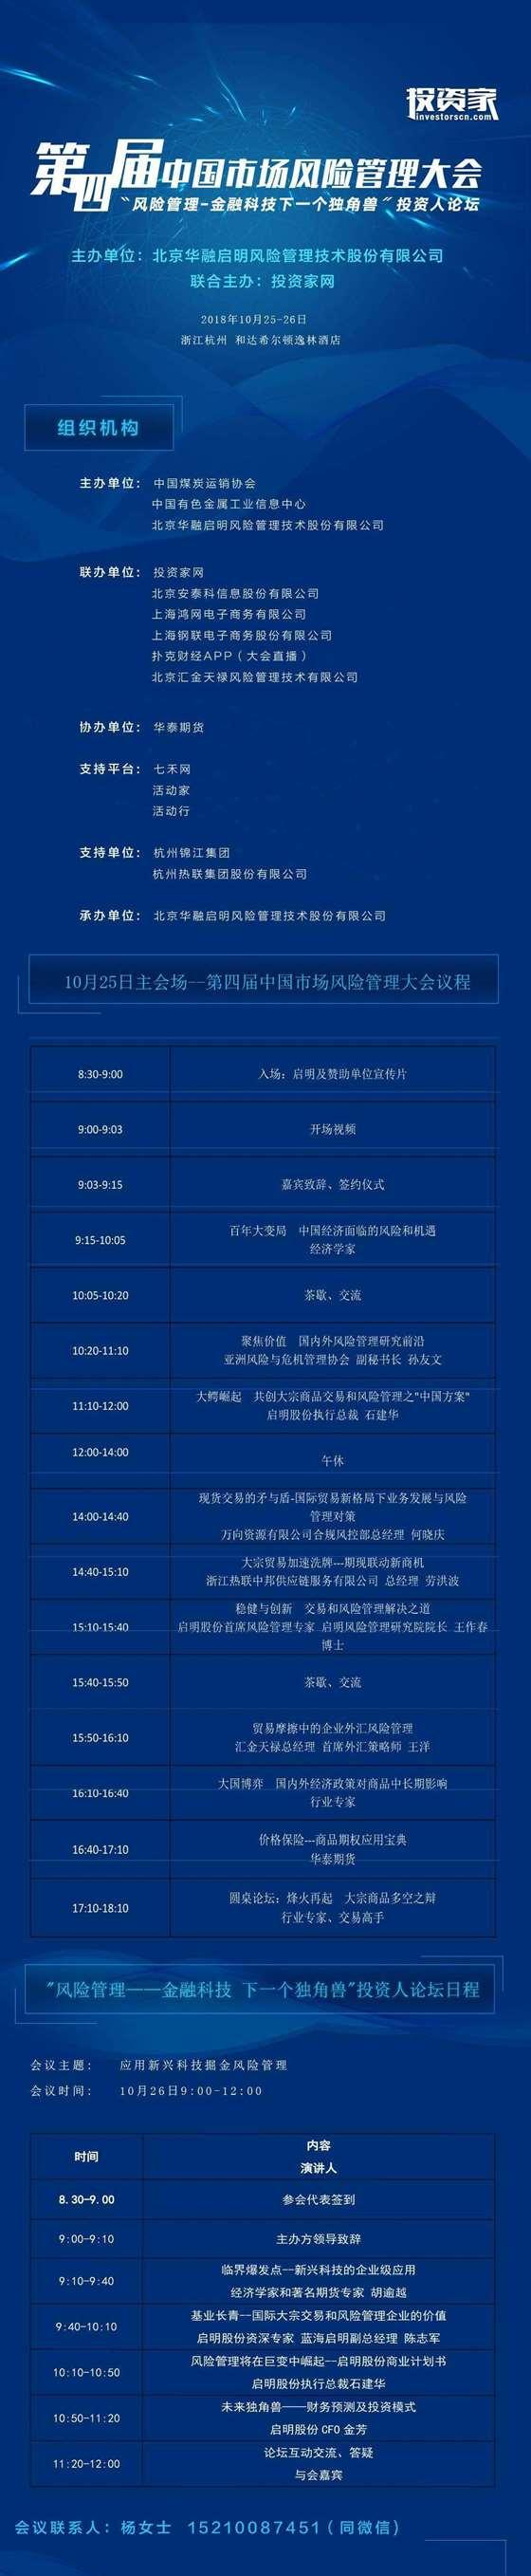 中国市场风险管理-杭州.jpg